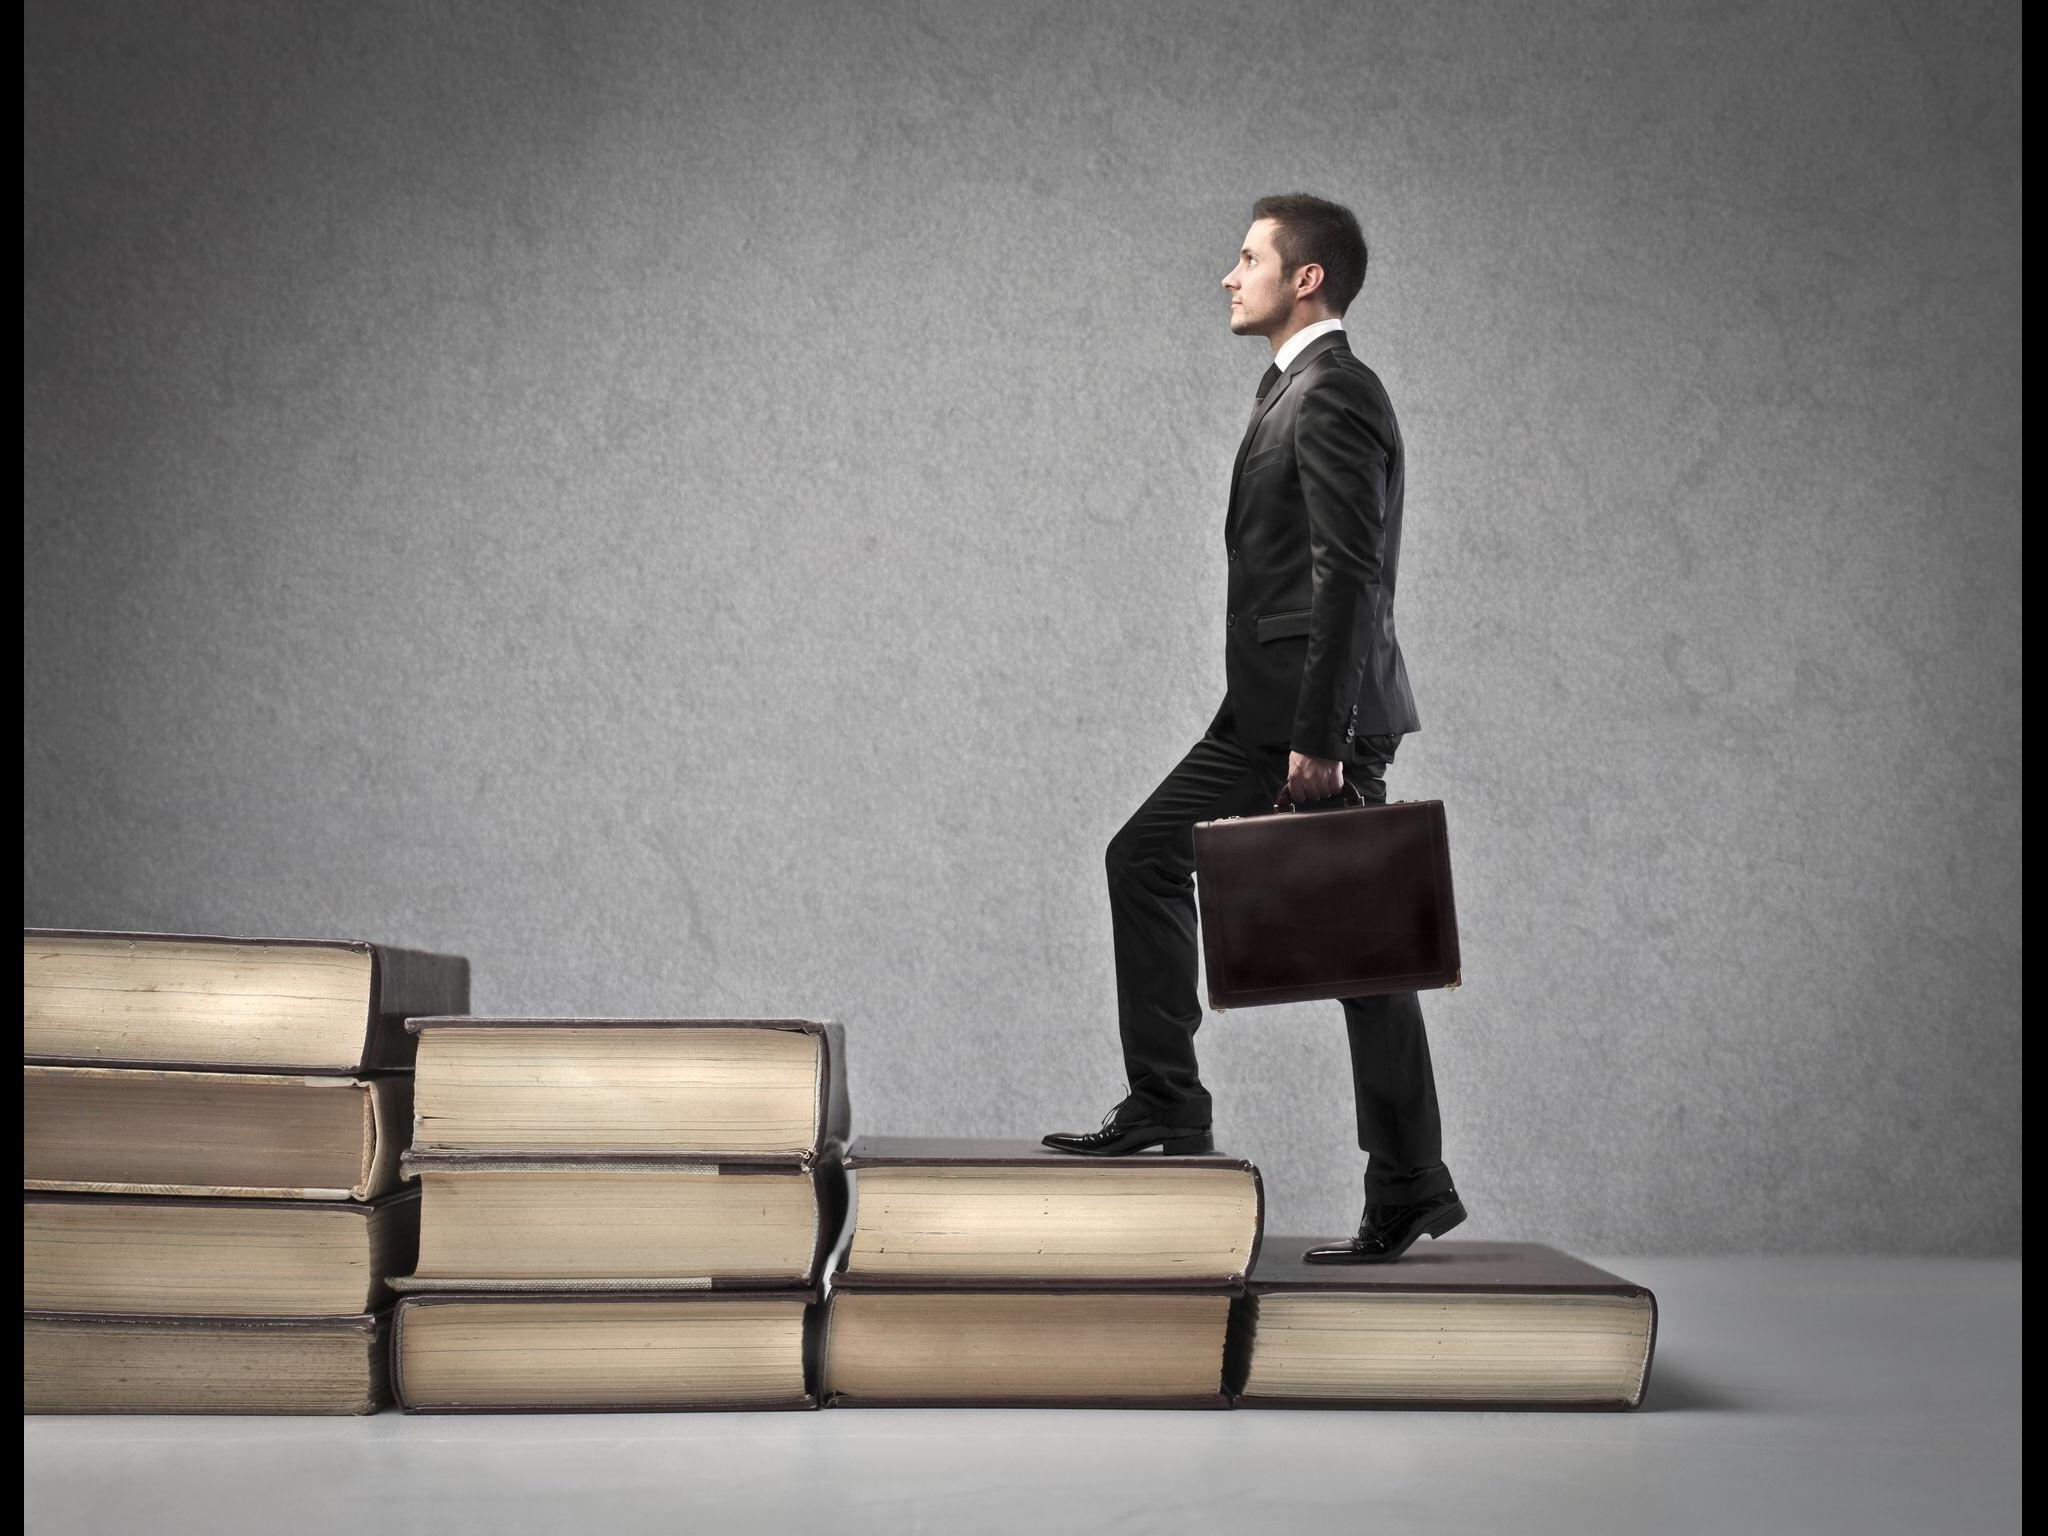 Man lernt nie aus. Das gilt auch und inbesondere für Chefs (Foto: olly/ Fotolia.com)